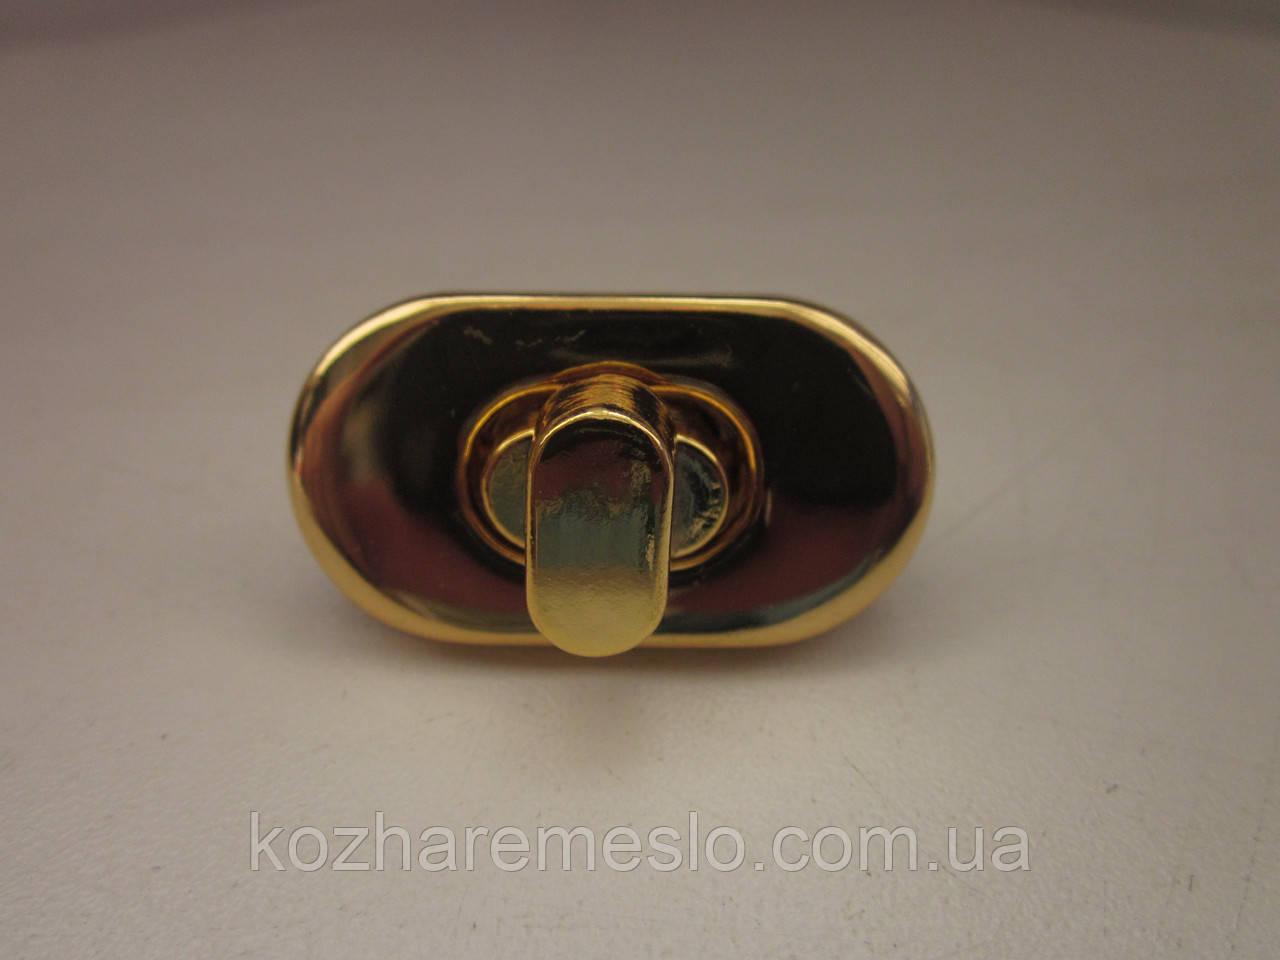 Замок поворотный, для барсетки, кошелька 35 х 19 мм золото